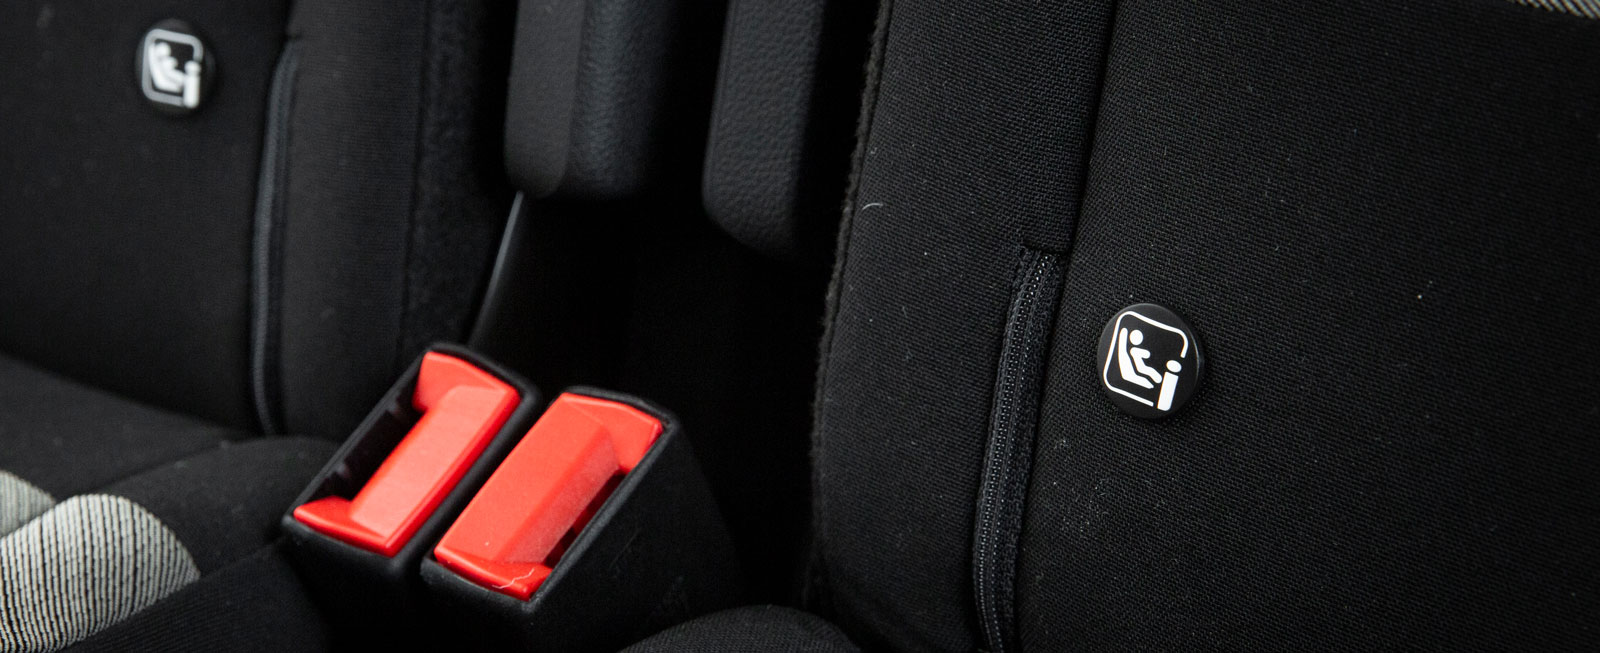 Citroën har tre separata bakstolar med var sitt Isofixfäste.